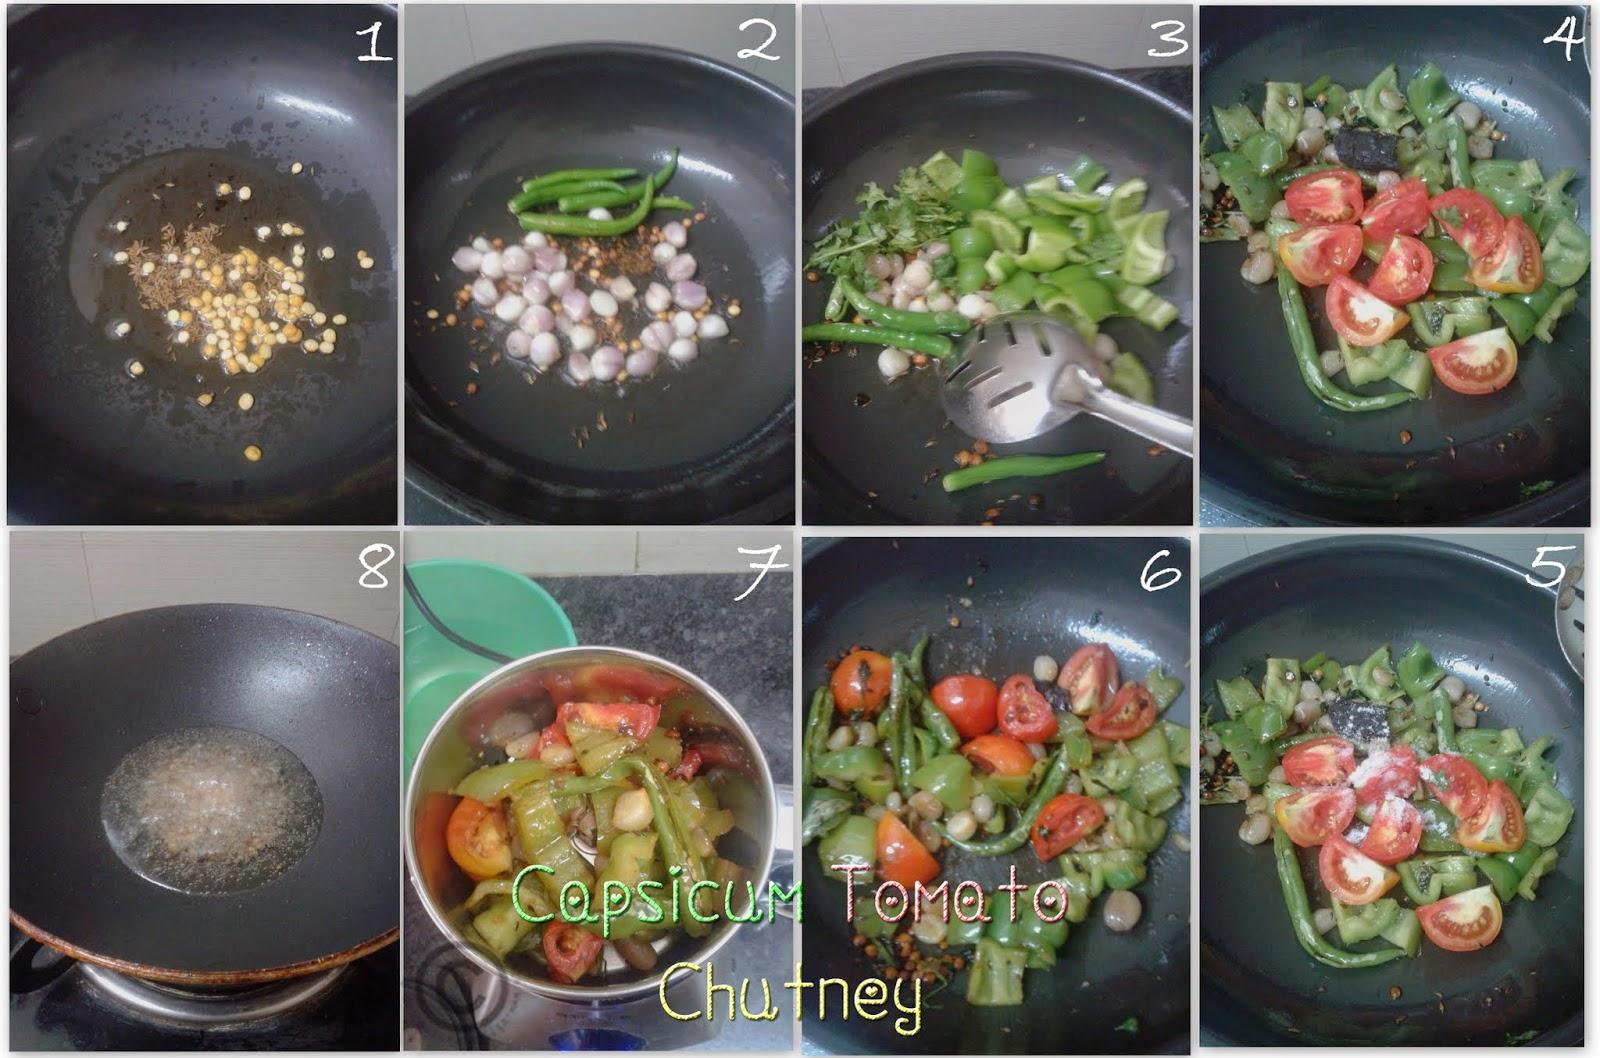 Capsicum chutney recipe capsicum tomato chutney recipe